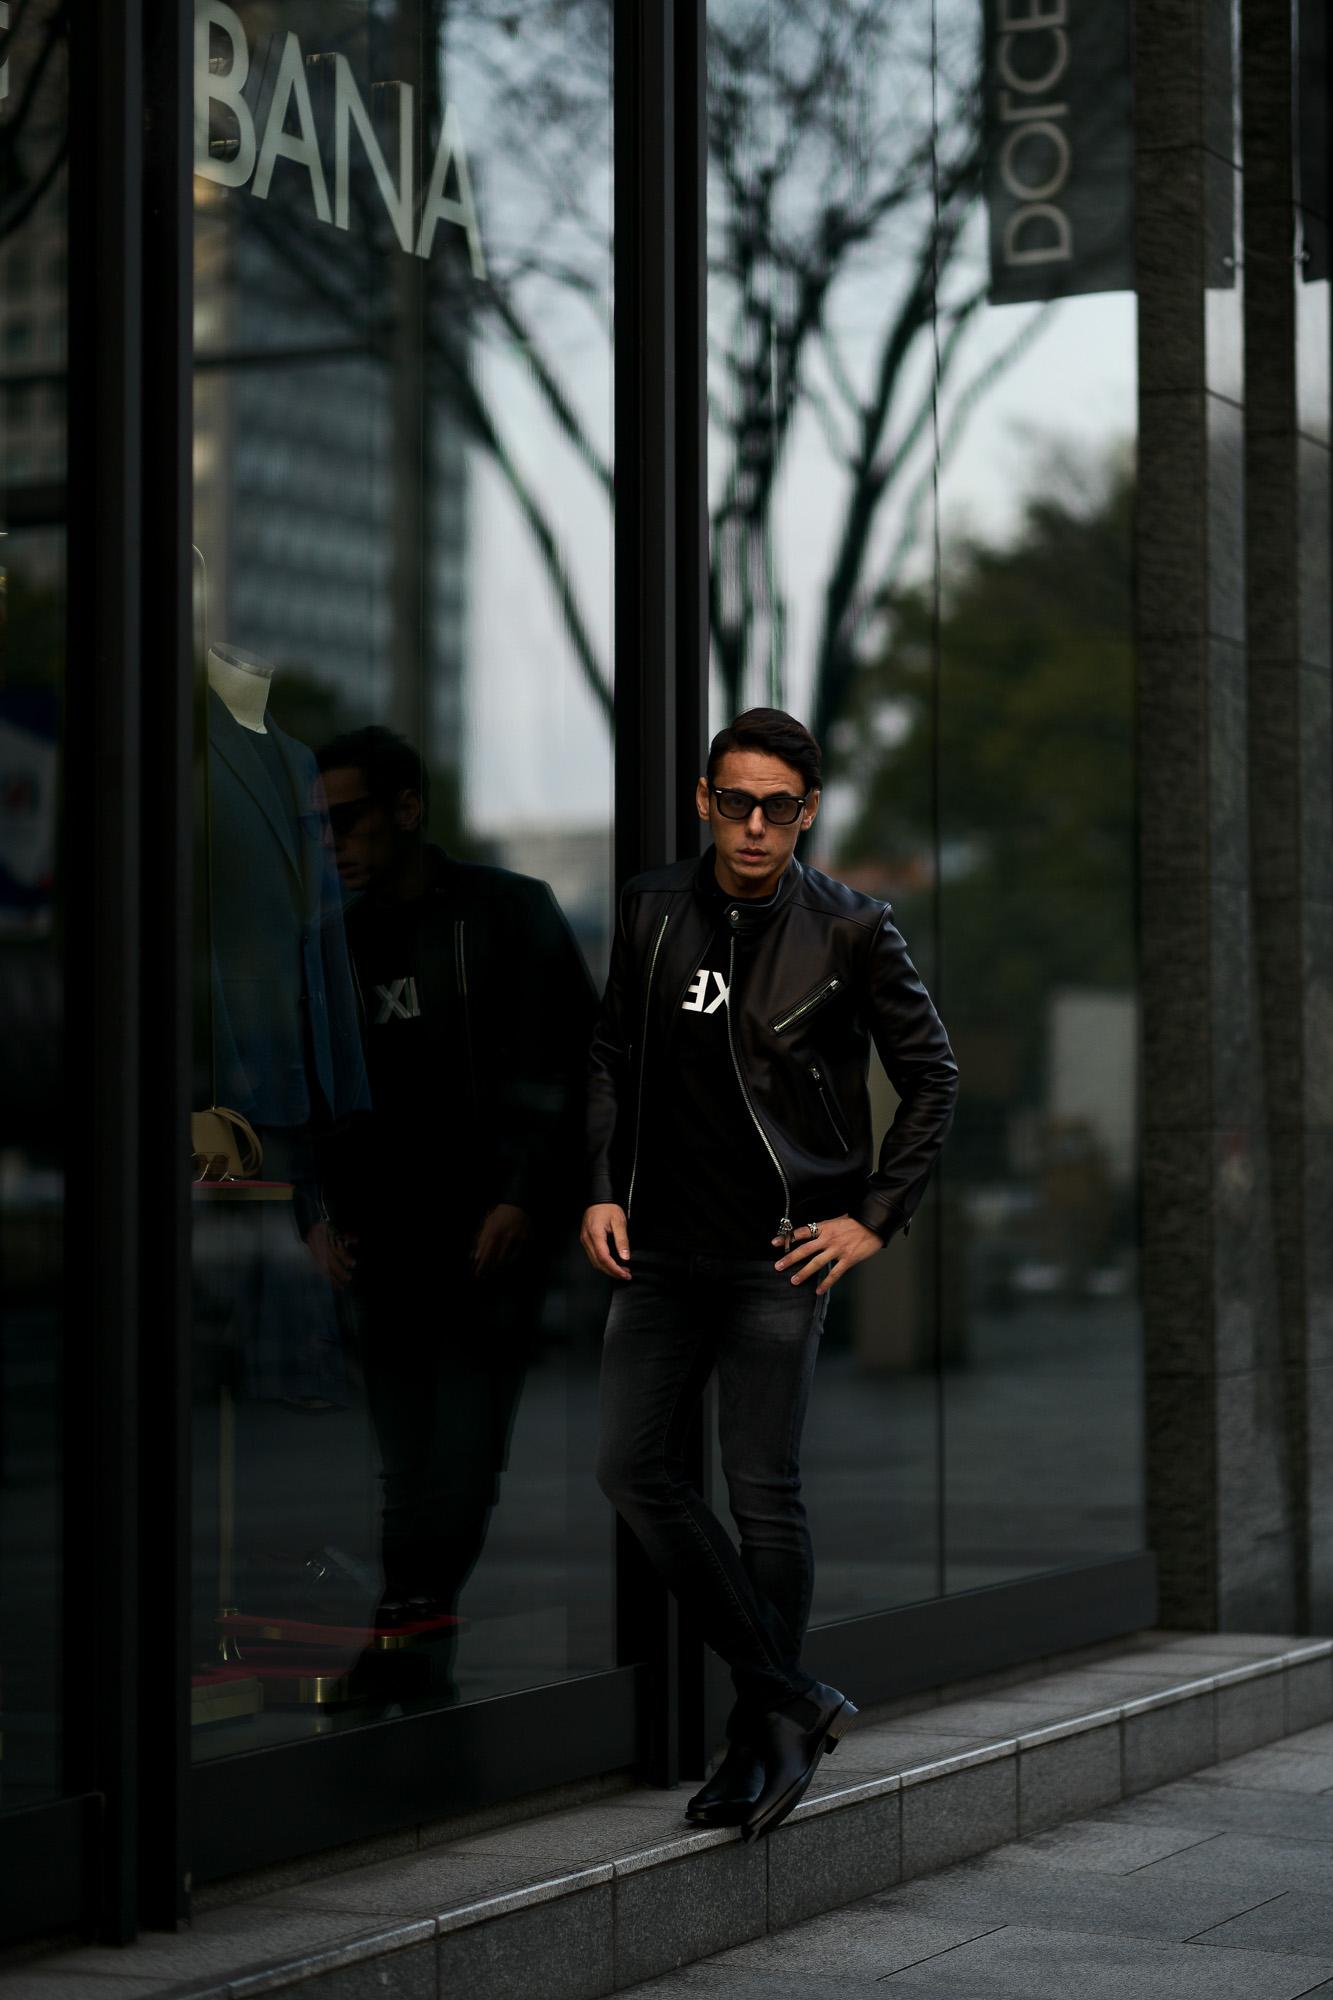 FIXER(フィクサー) F1(エフワン) DOUBLE RIDERS Cow Leather ダブルライダース ジャケット BLACK(ブラック) 愛知 名古屋 altoediritto アルトエデリット ライダースコーデ レザージャケット レザーコーデ